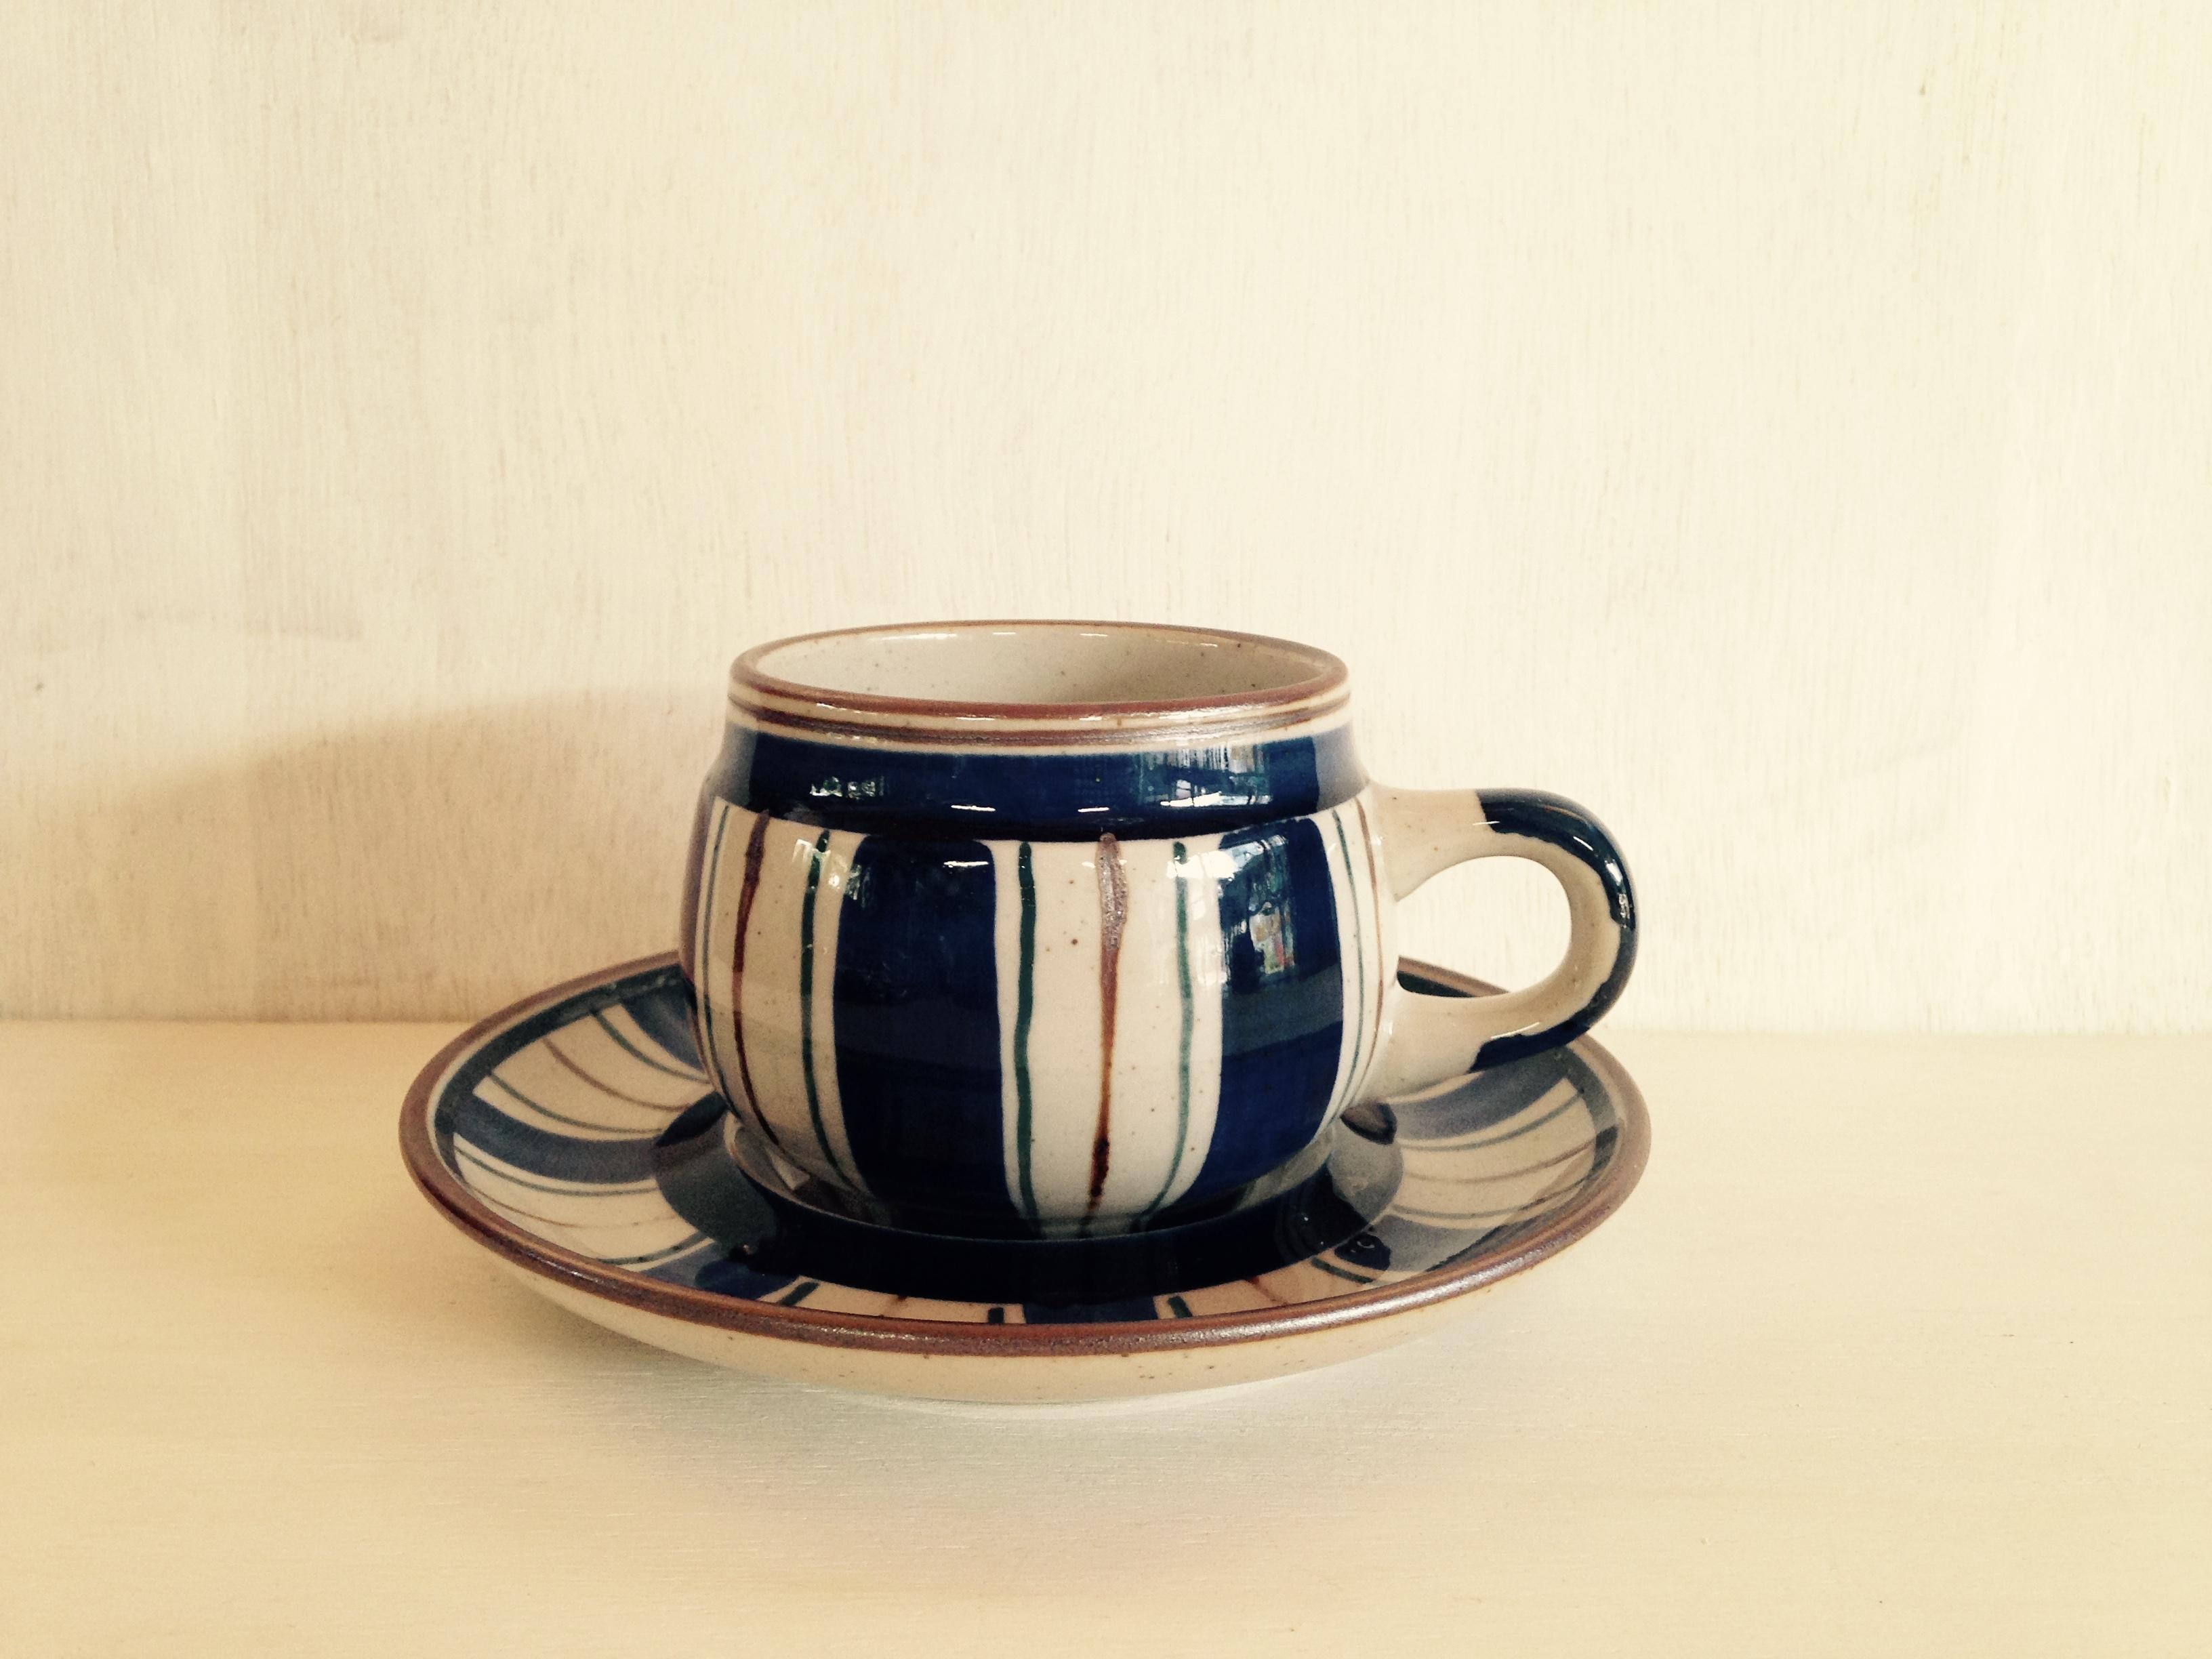 コーヒーカップ Noritake(ノリタケ)アンティークストーン 縦模様